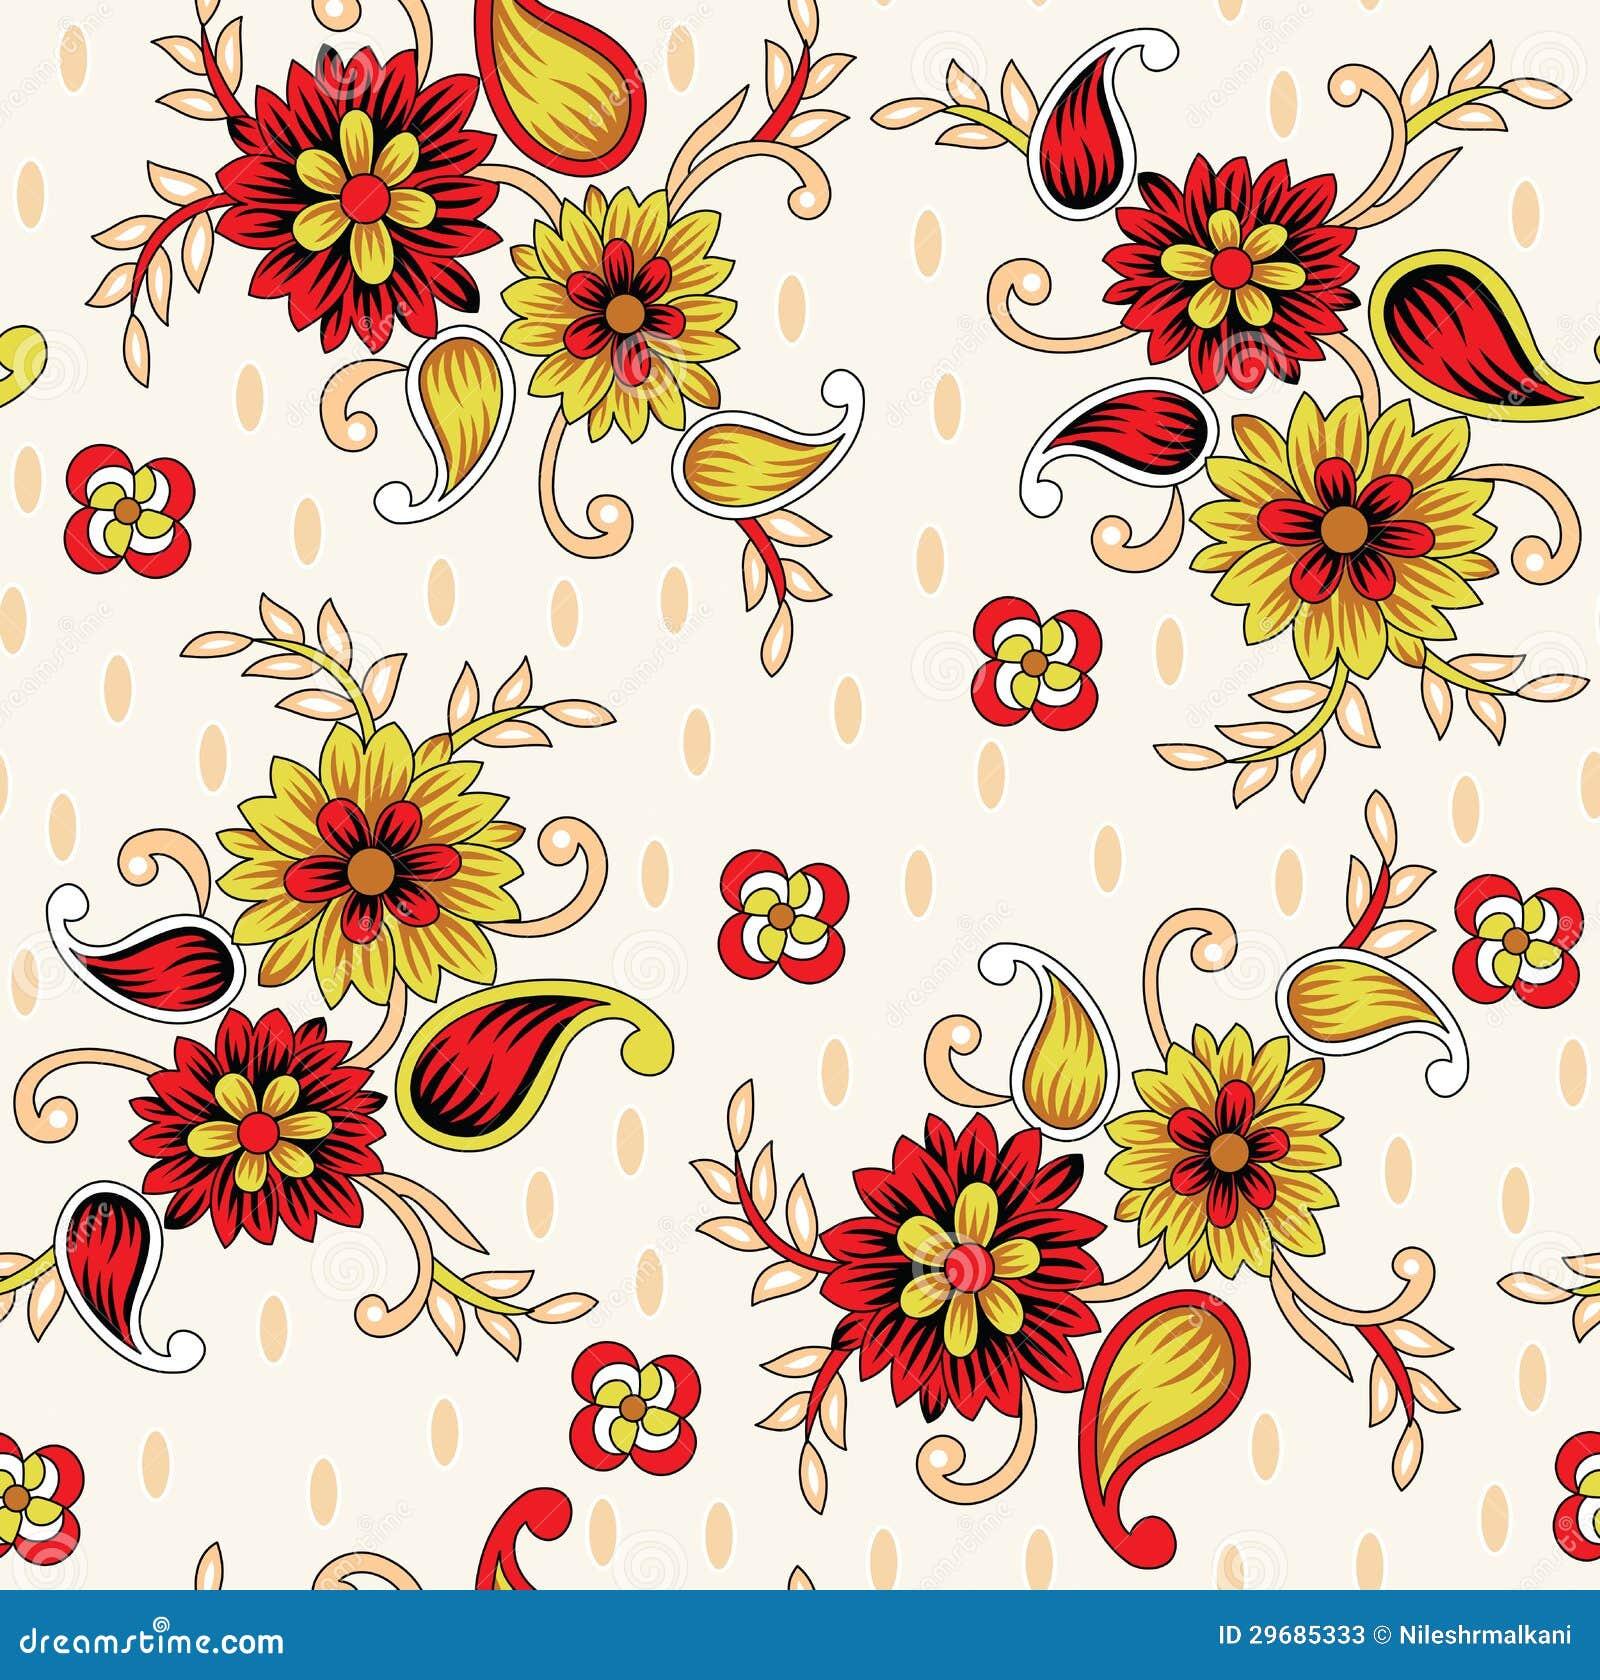 Royal Kitchen Design Seamless Background For Textile Fabrics Stock Photos